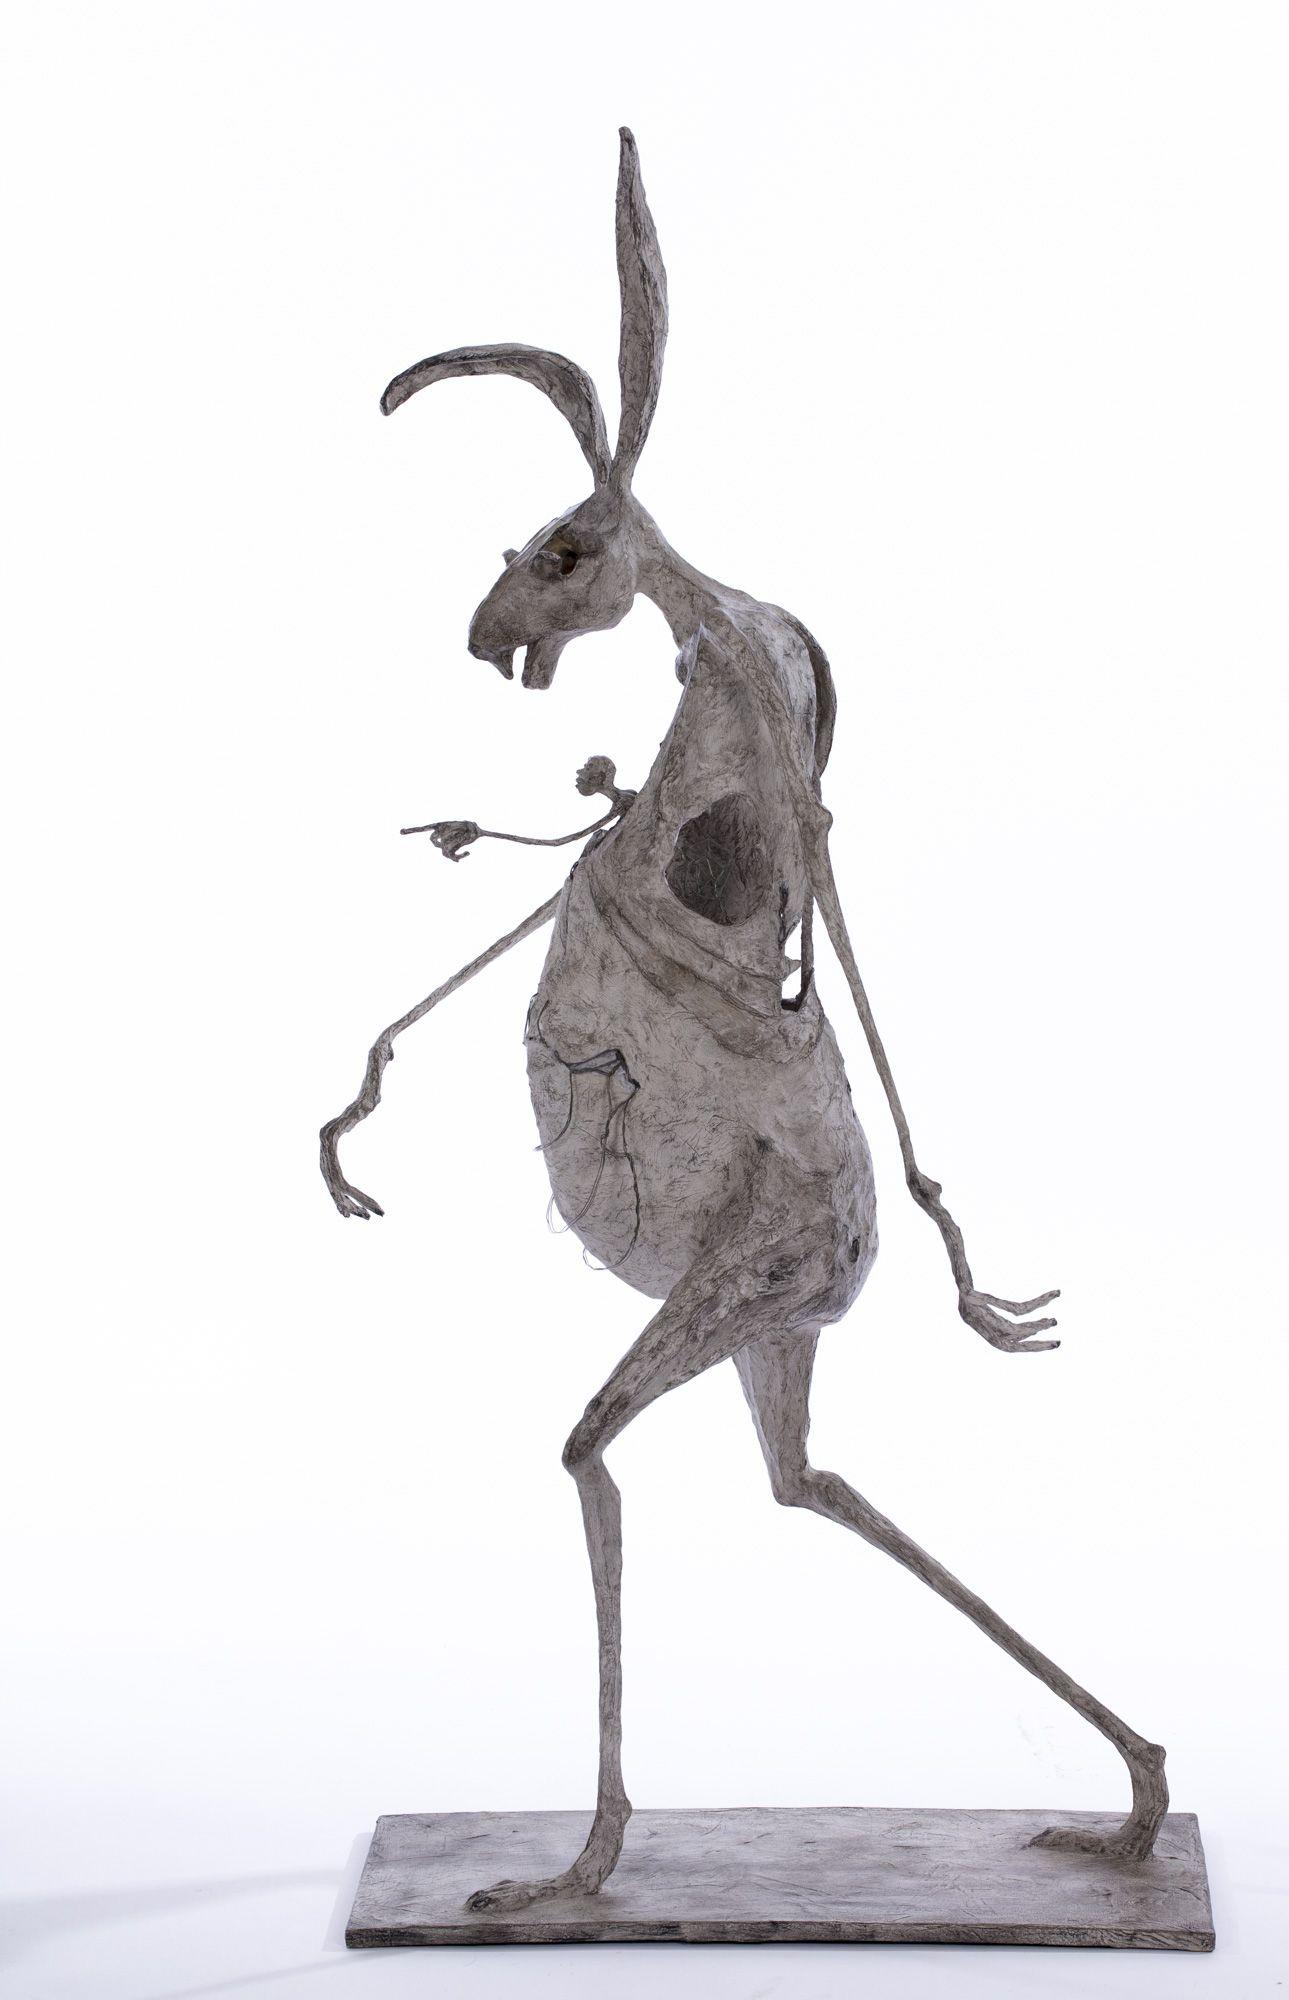 Mon p'tit lapin - H. 99 cm